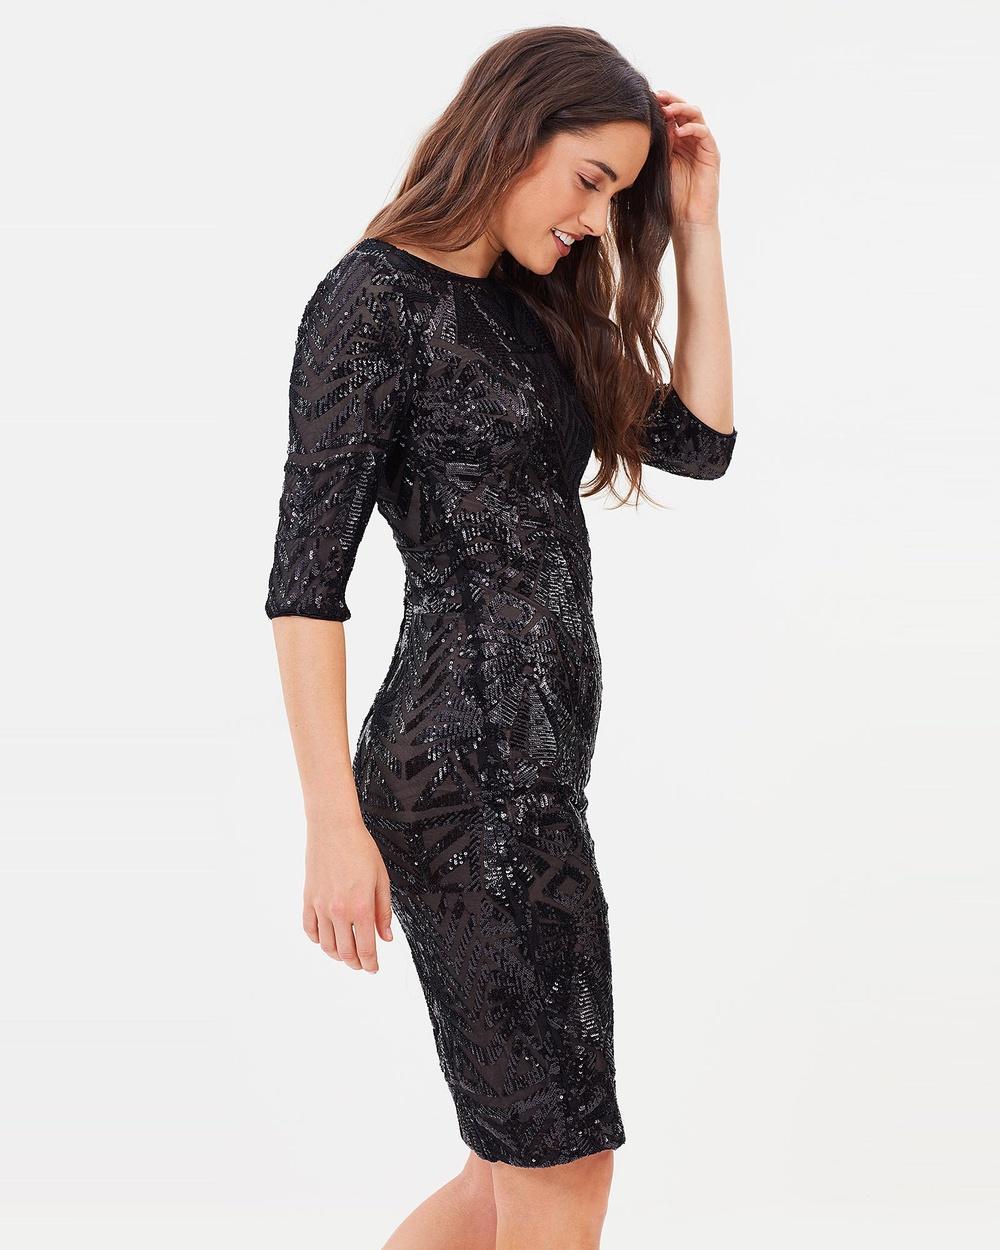 Montique Roxette Sequin Cocktail dress Dresses Black Roxette Sequin Cocktail dress